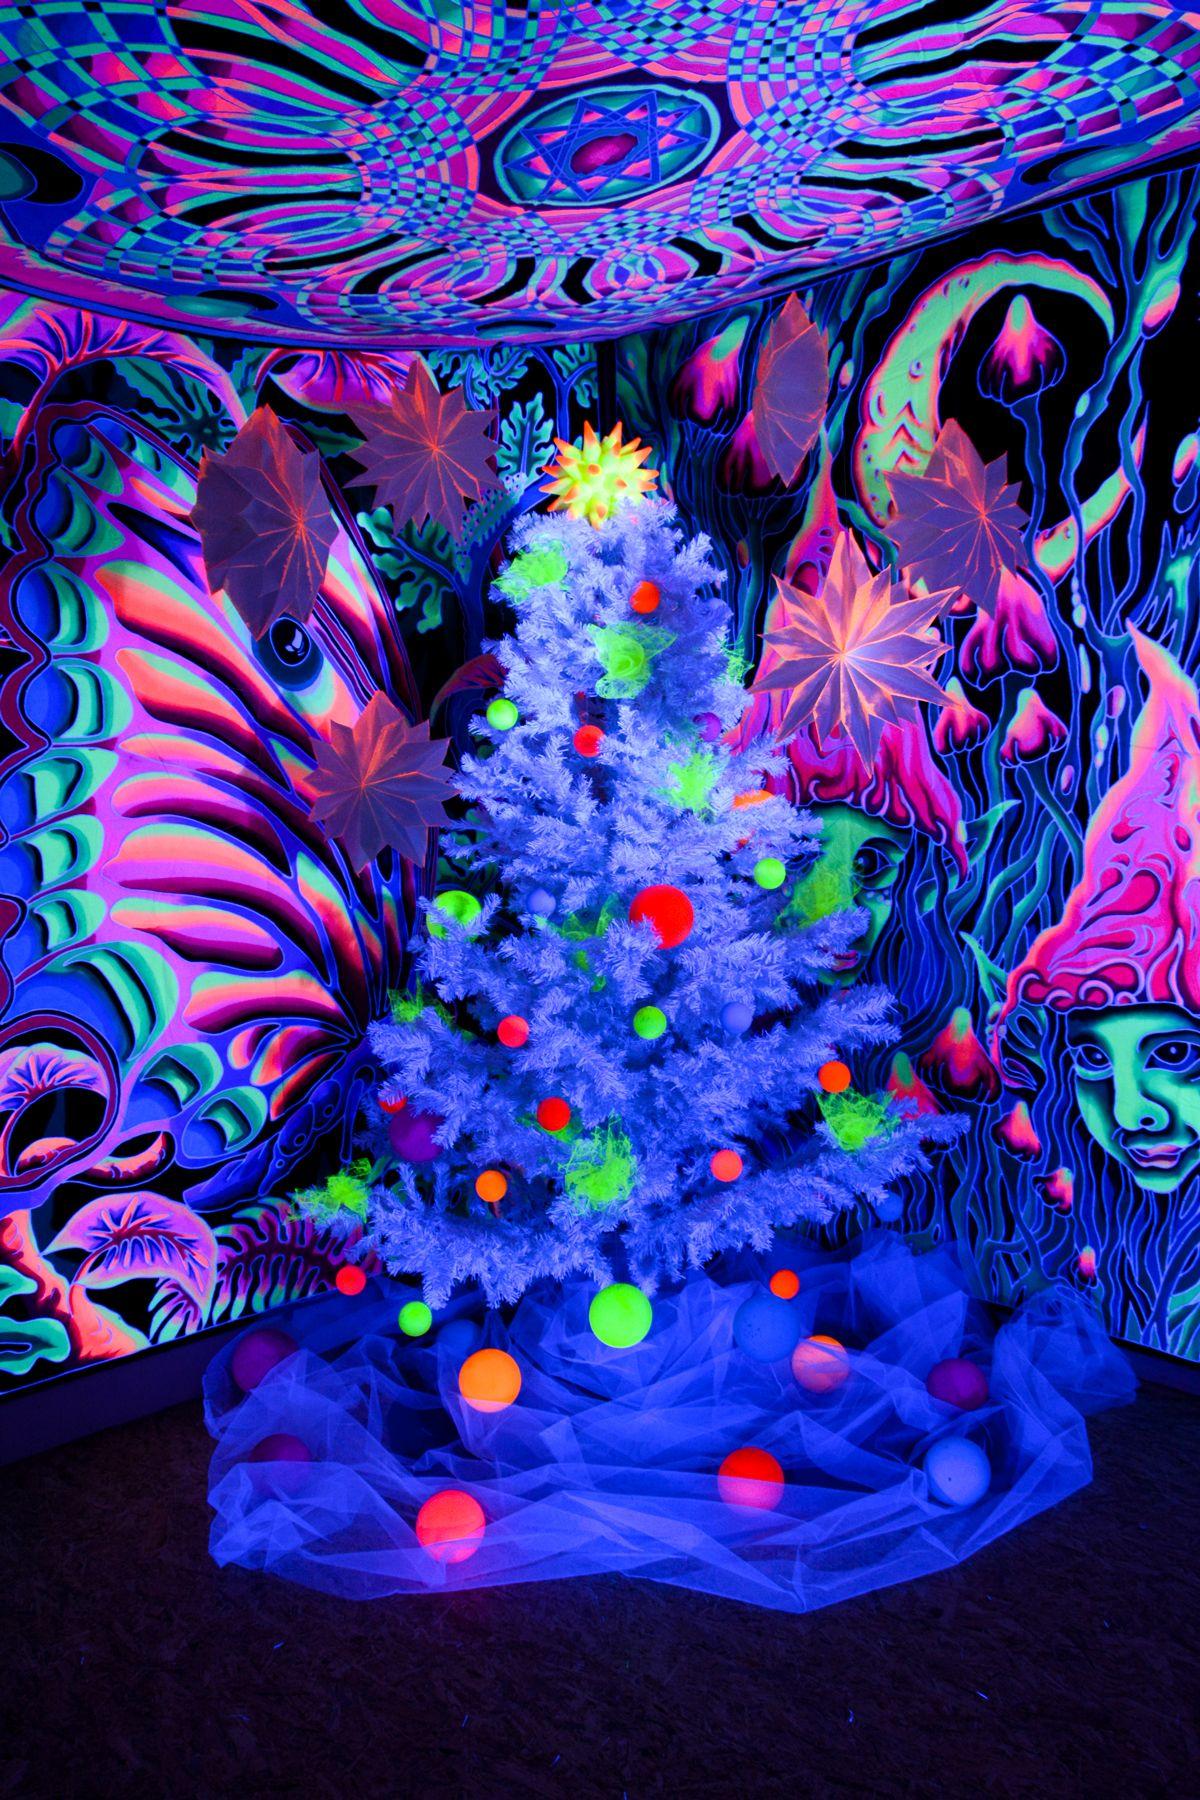 schwarzlicht weihnachtsbaum blacklight schwarzlicht christmas tree schwarzlicht licht